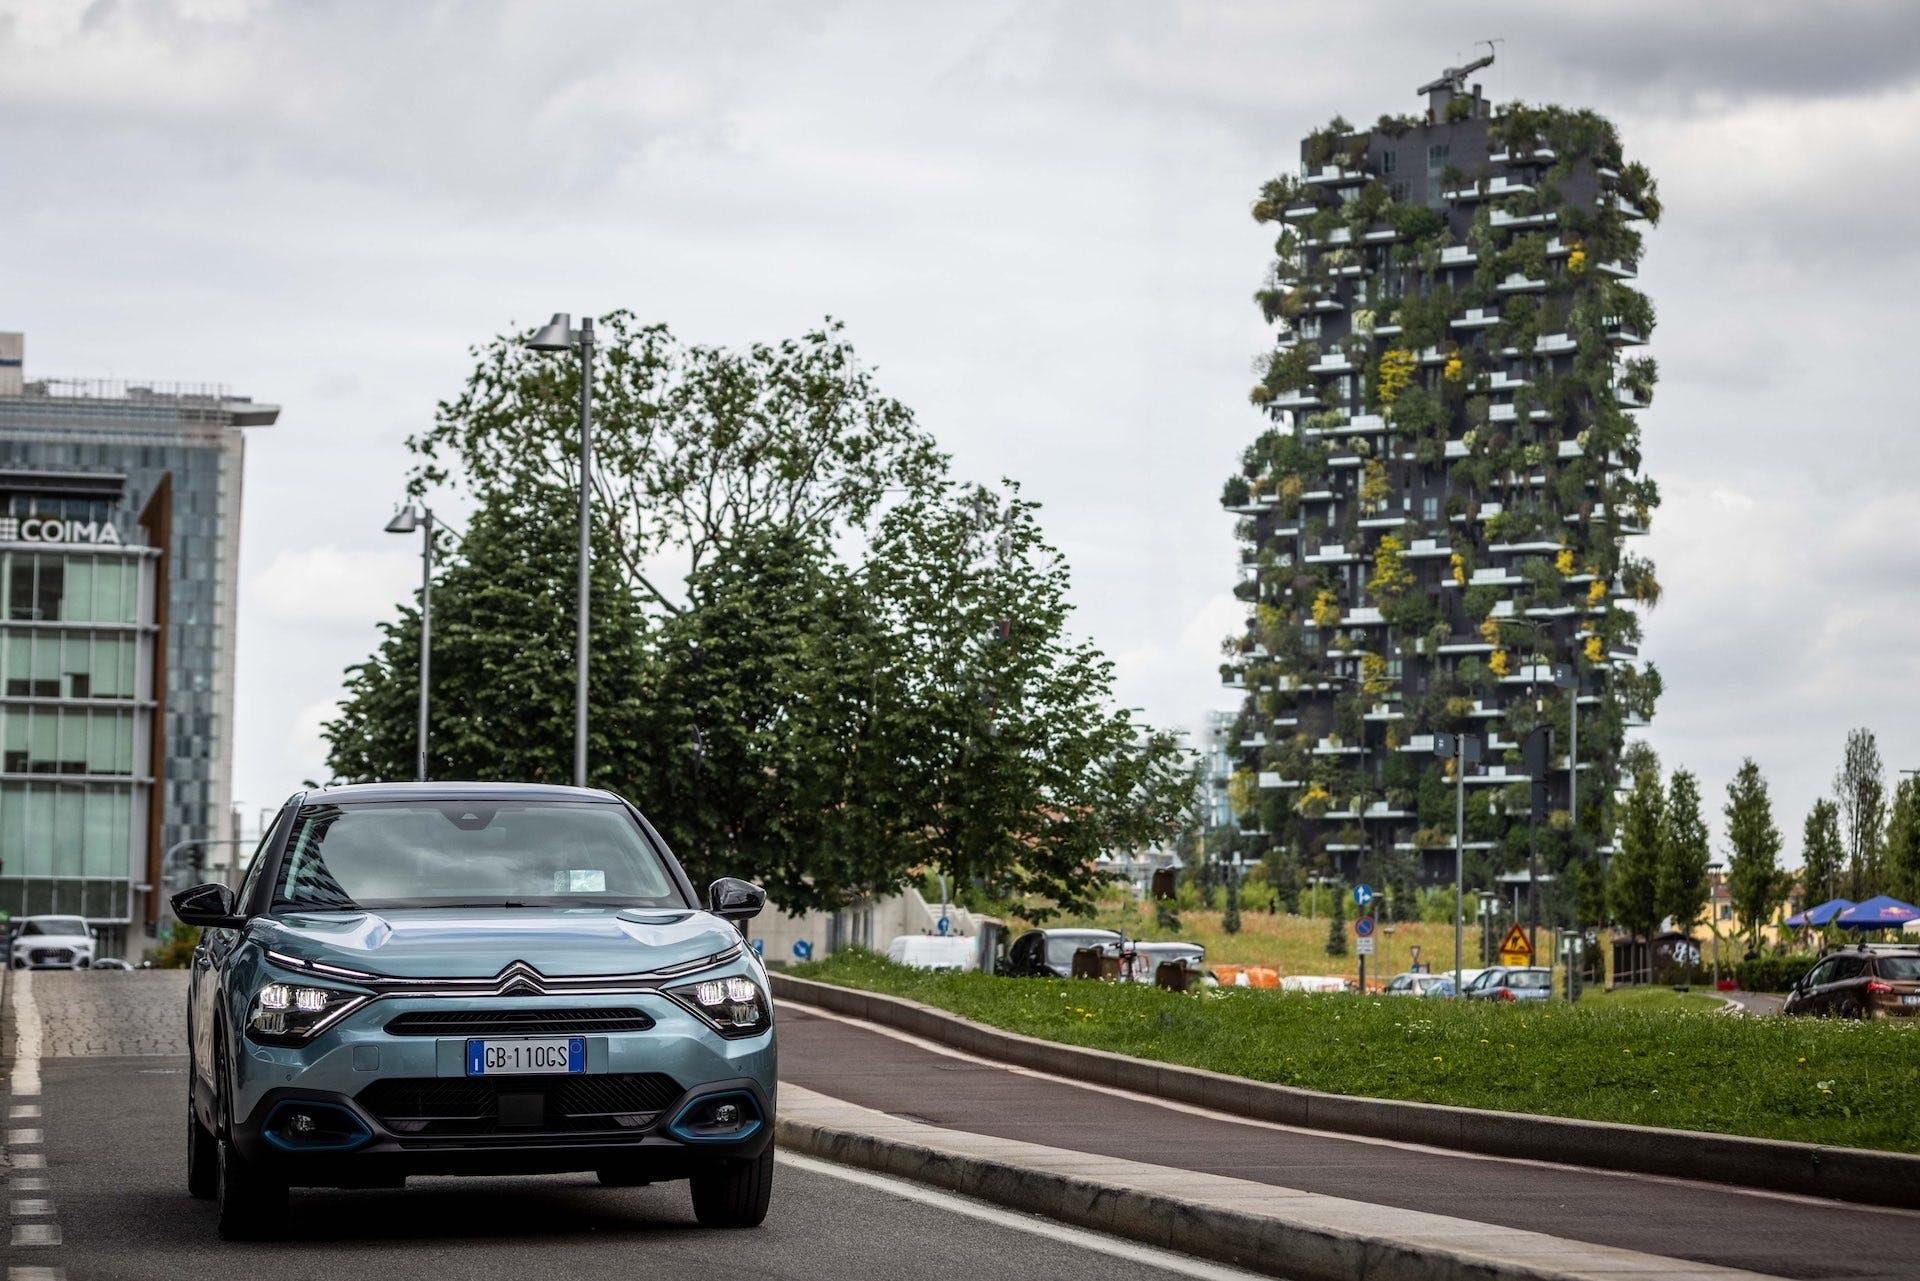 Citroën ë-C4 vista frontalmente su percorso cittadino